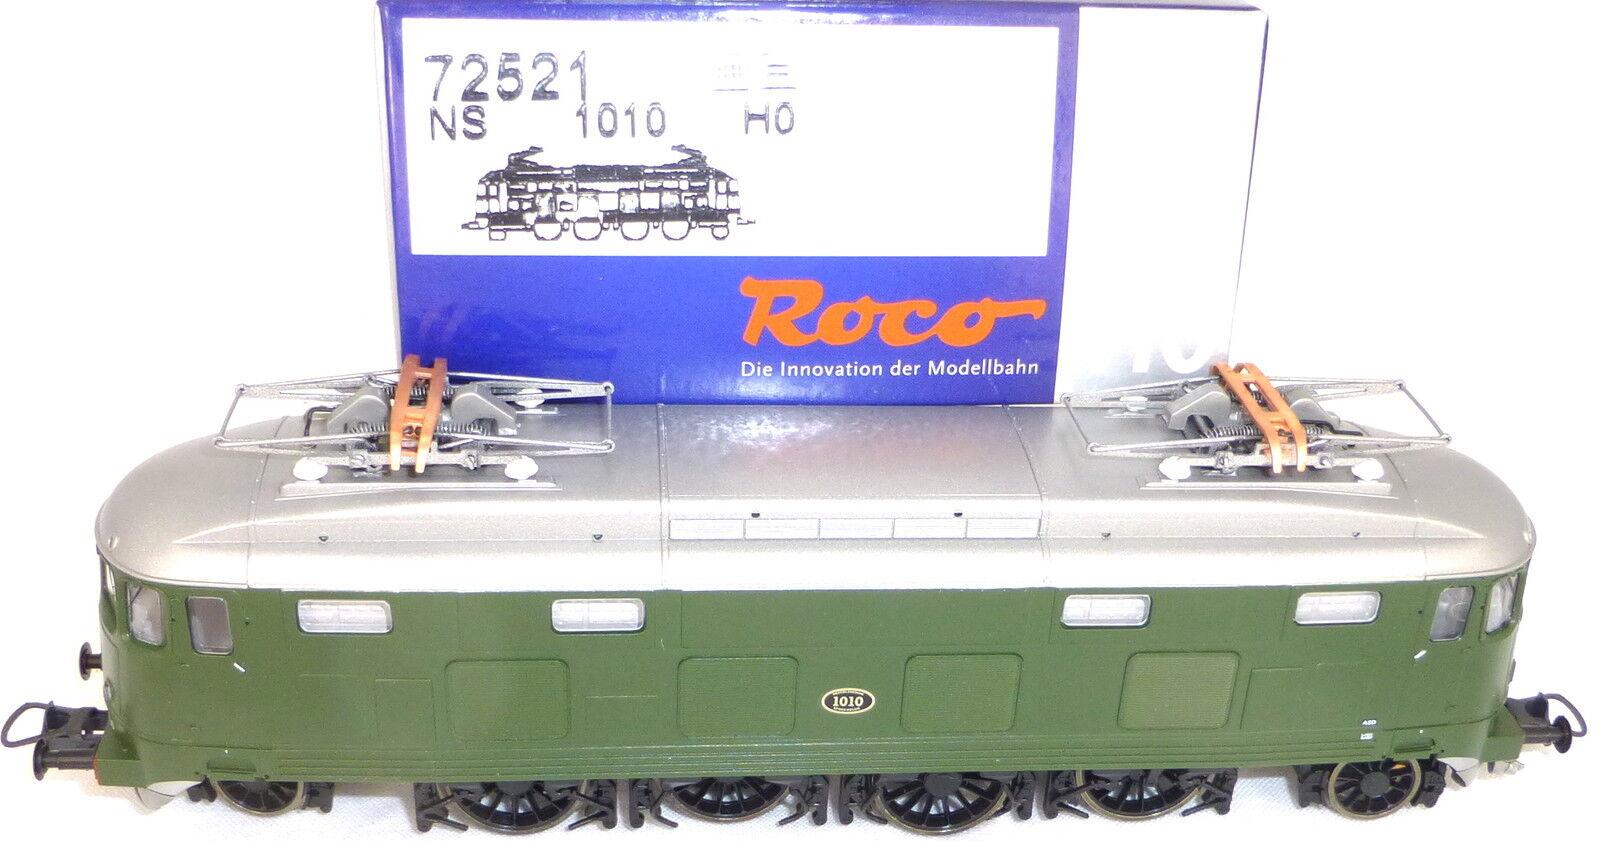 Ns serie 1000 ellok verde epiii nem kkk DSS roco 72521 h0 1 87 nuevo embalaje original ka4 µg